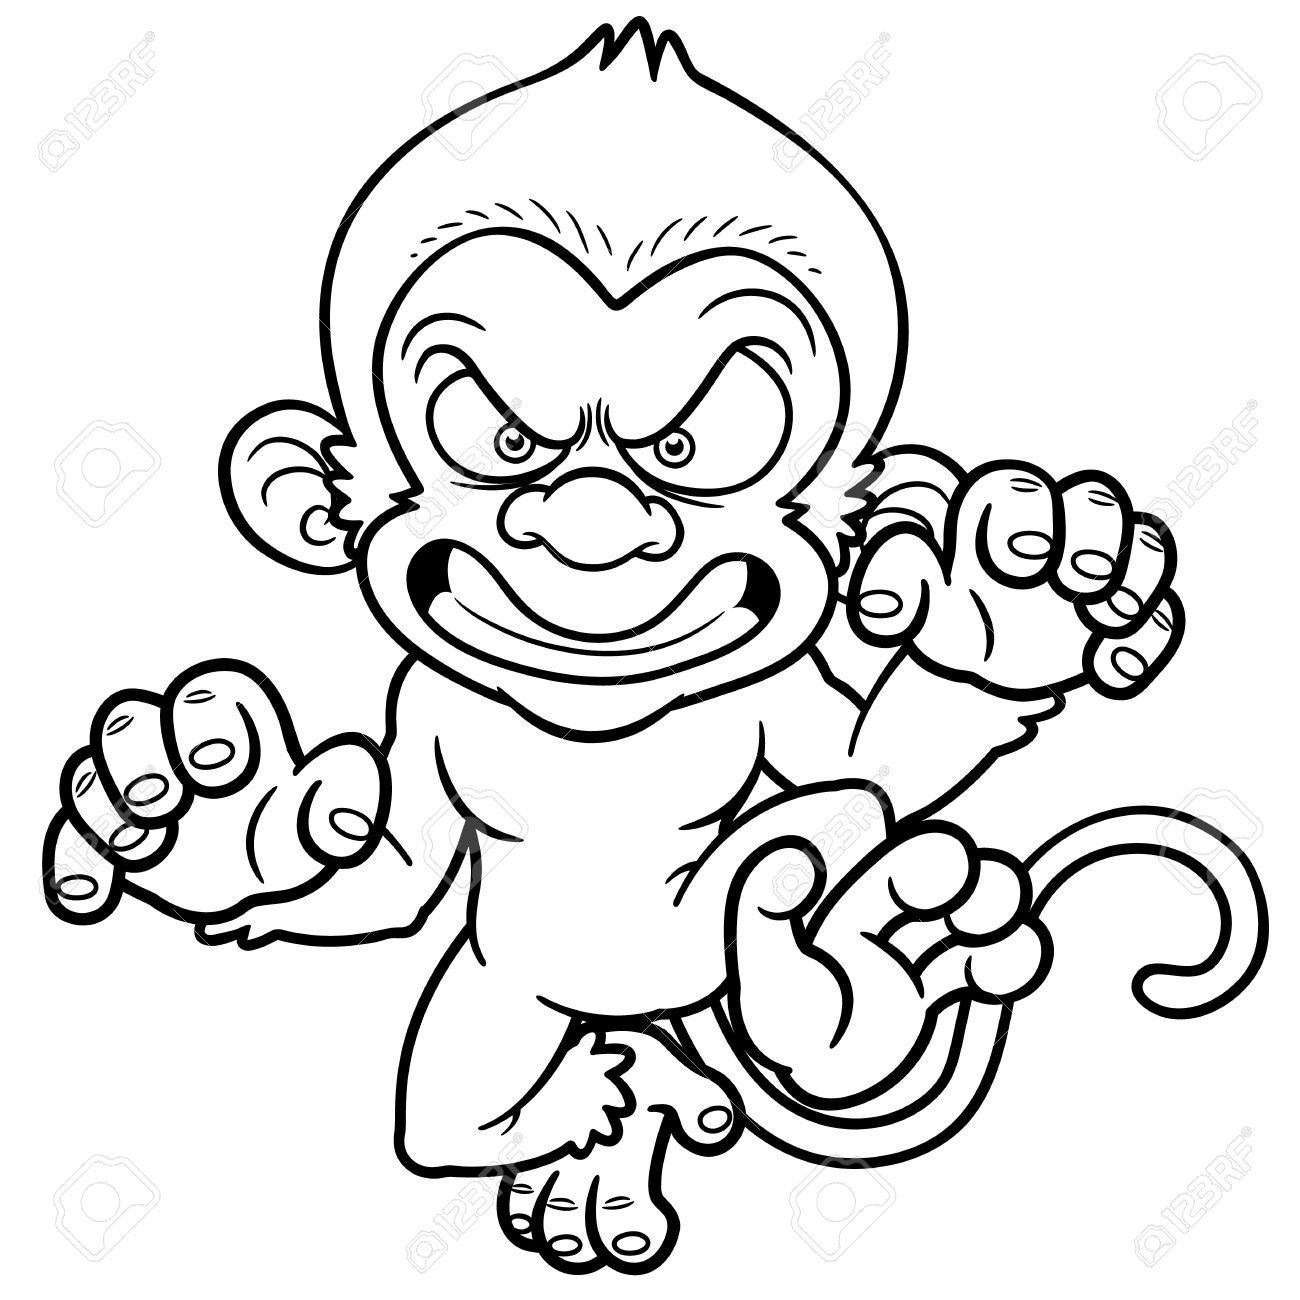 Ilustración De Dibujos Animados Mono Enojado - Libro Para Colorear ...